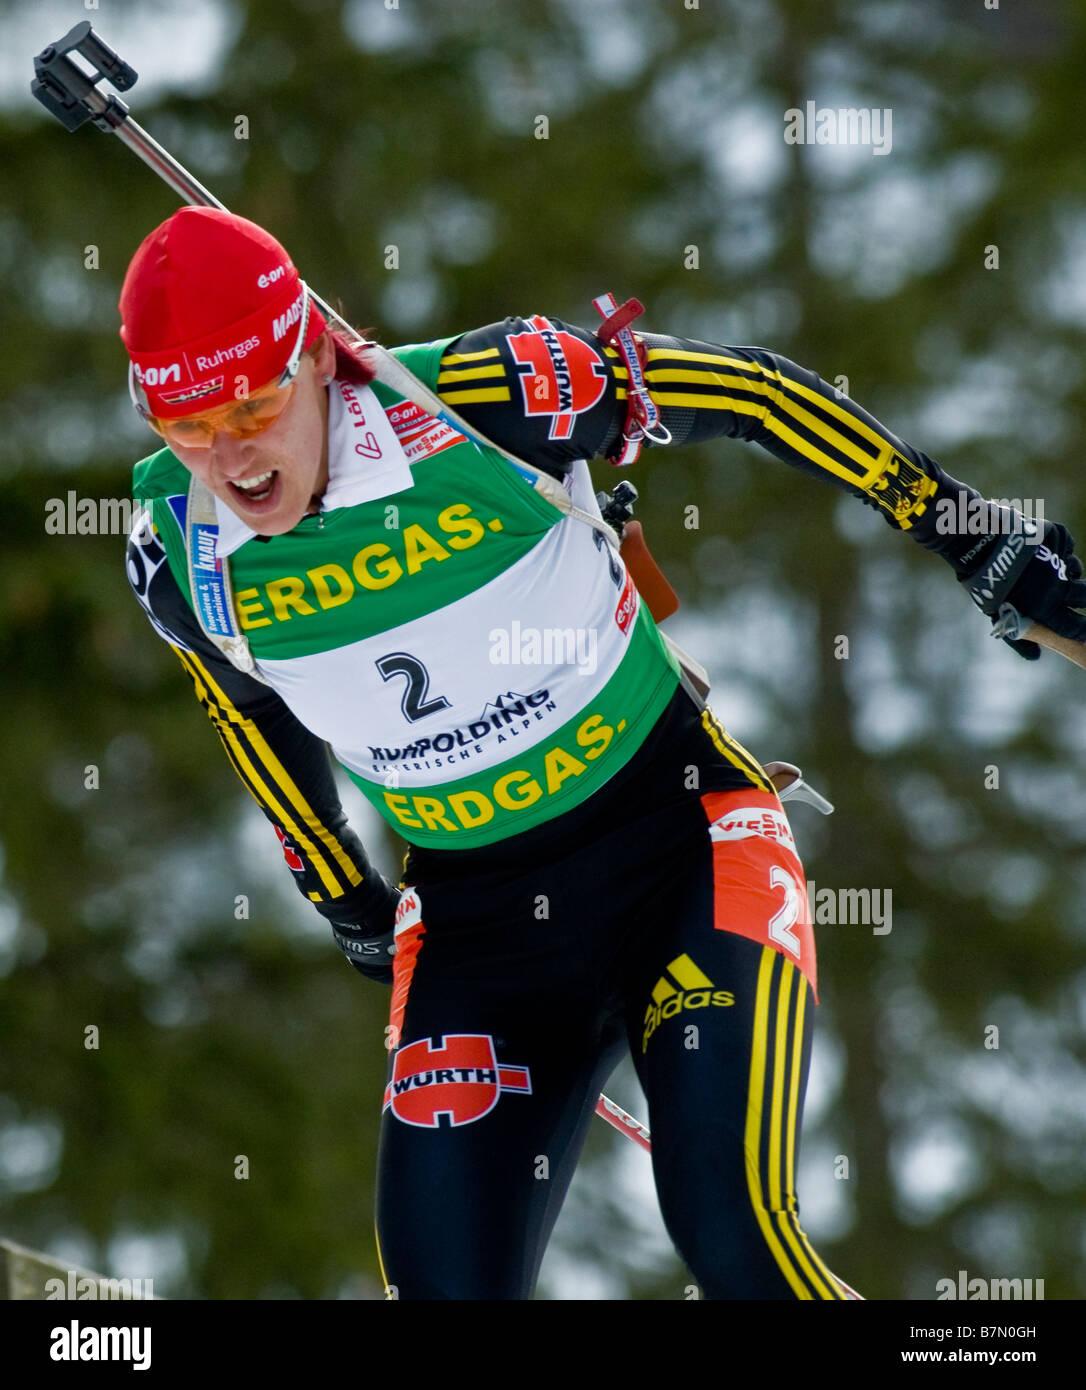 WILHELM Kati Deutschland Biathlon Weltcup Verfolgung Frauen Männer Ruhpolding 18 1 2009 - Stock Image